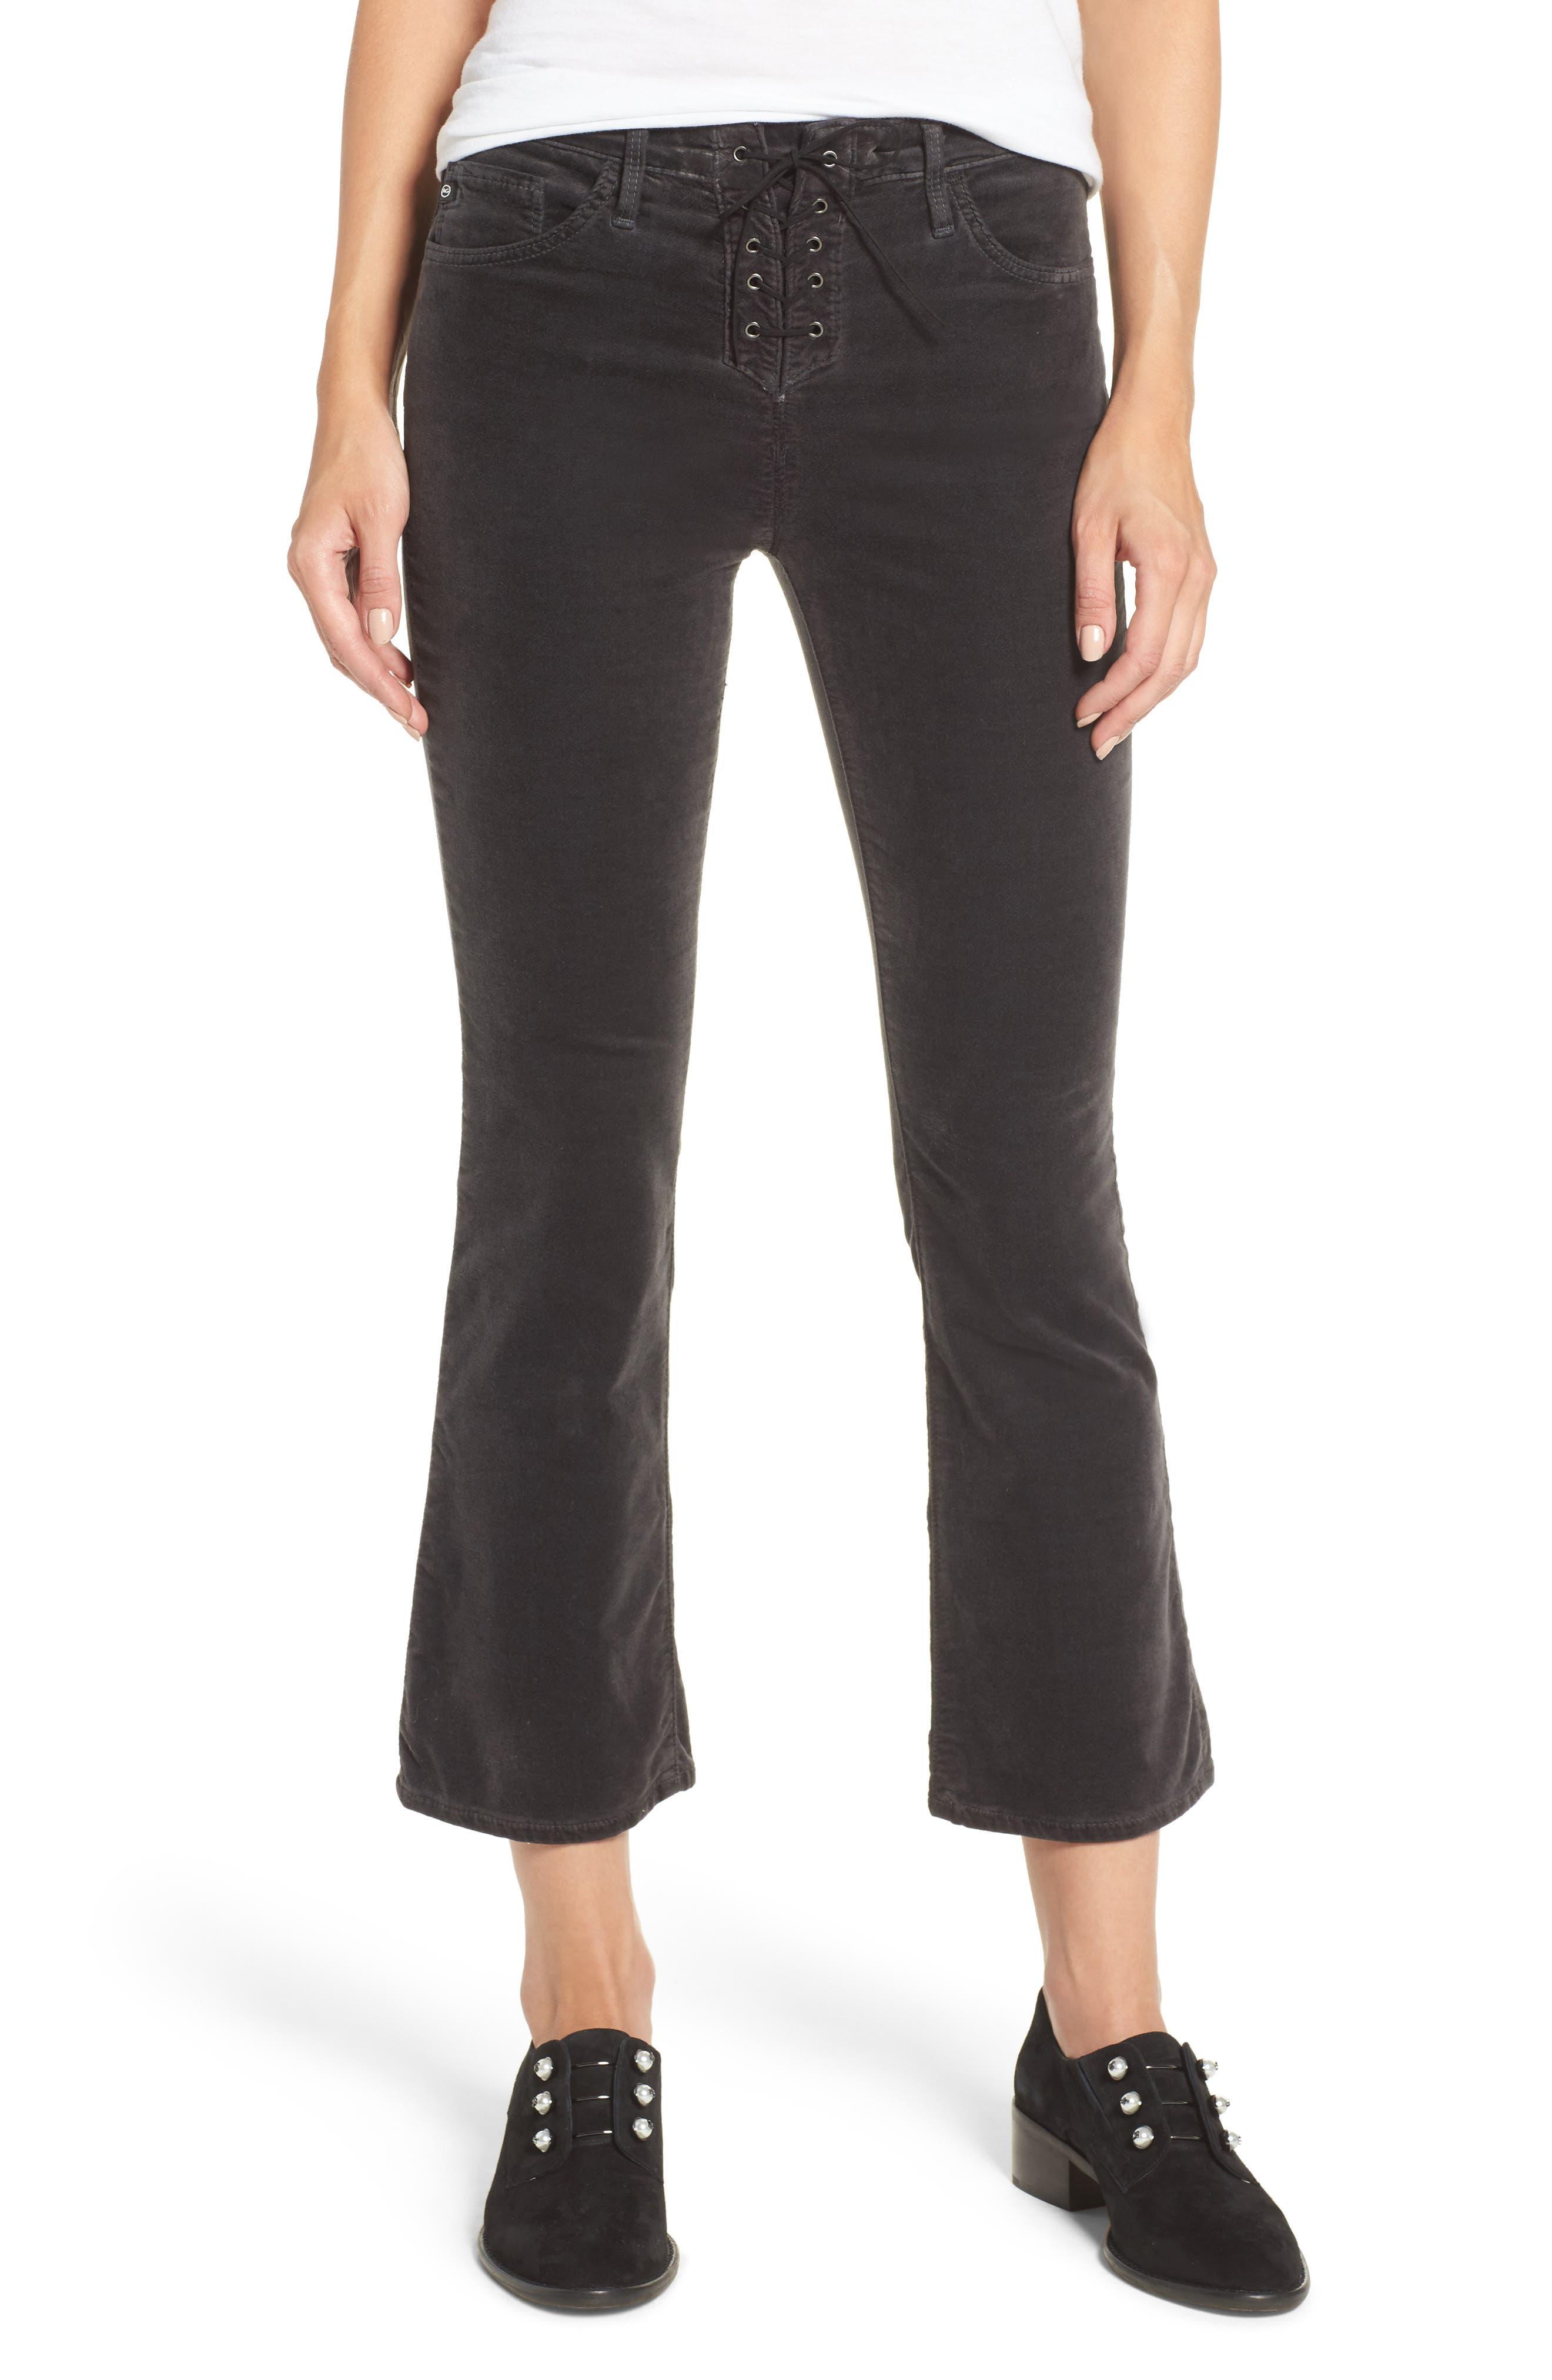 Jodi Lace-Up Crop Jeans,                             Main thumbnail 1, color,                             003